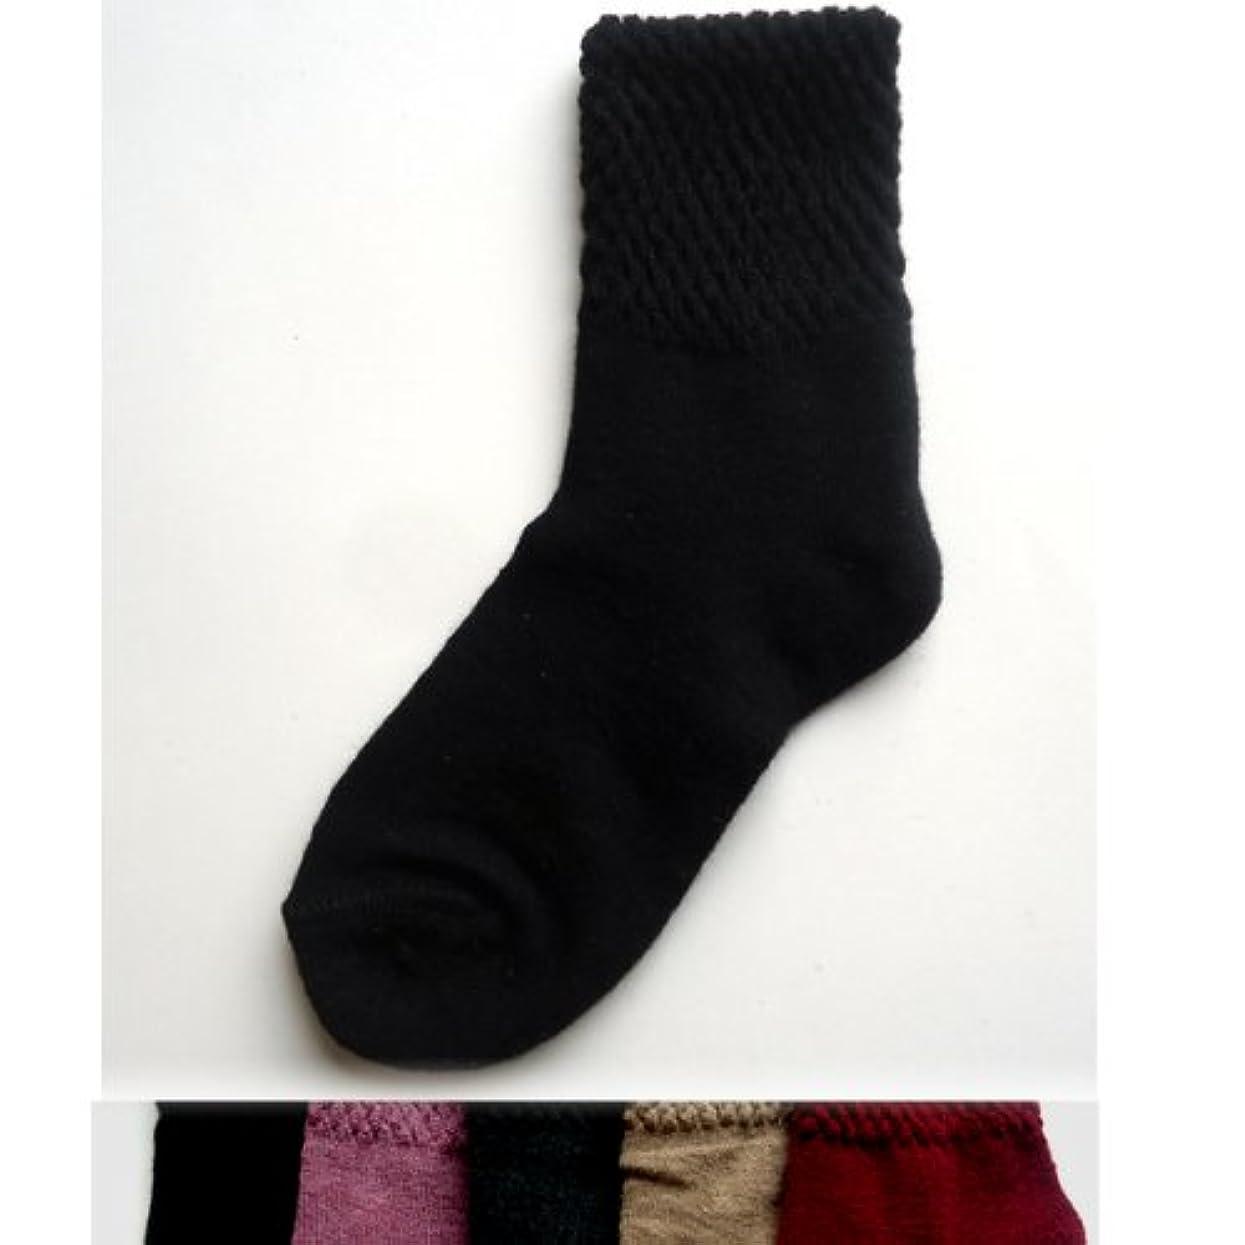 浴室同化解読する靴下 あったか シルク混 二重編みパイナップルソックス 厚手 22~24cm お買得4足組(色はお任せ)